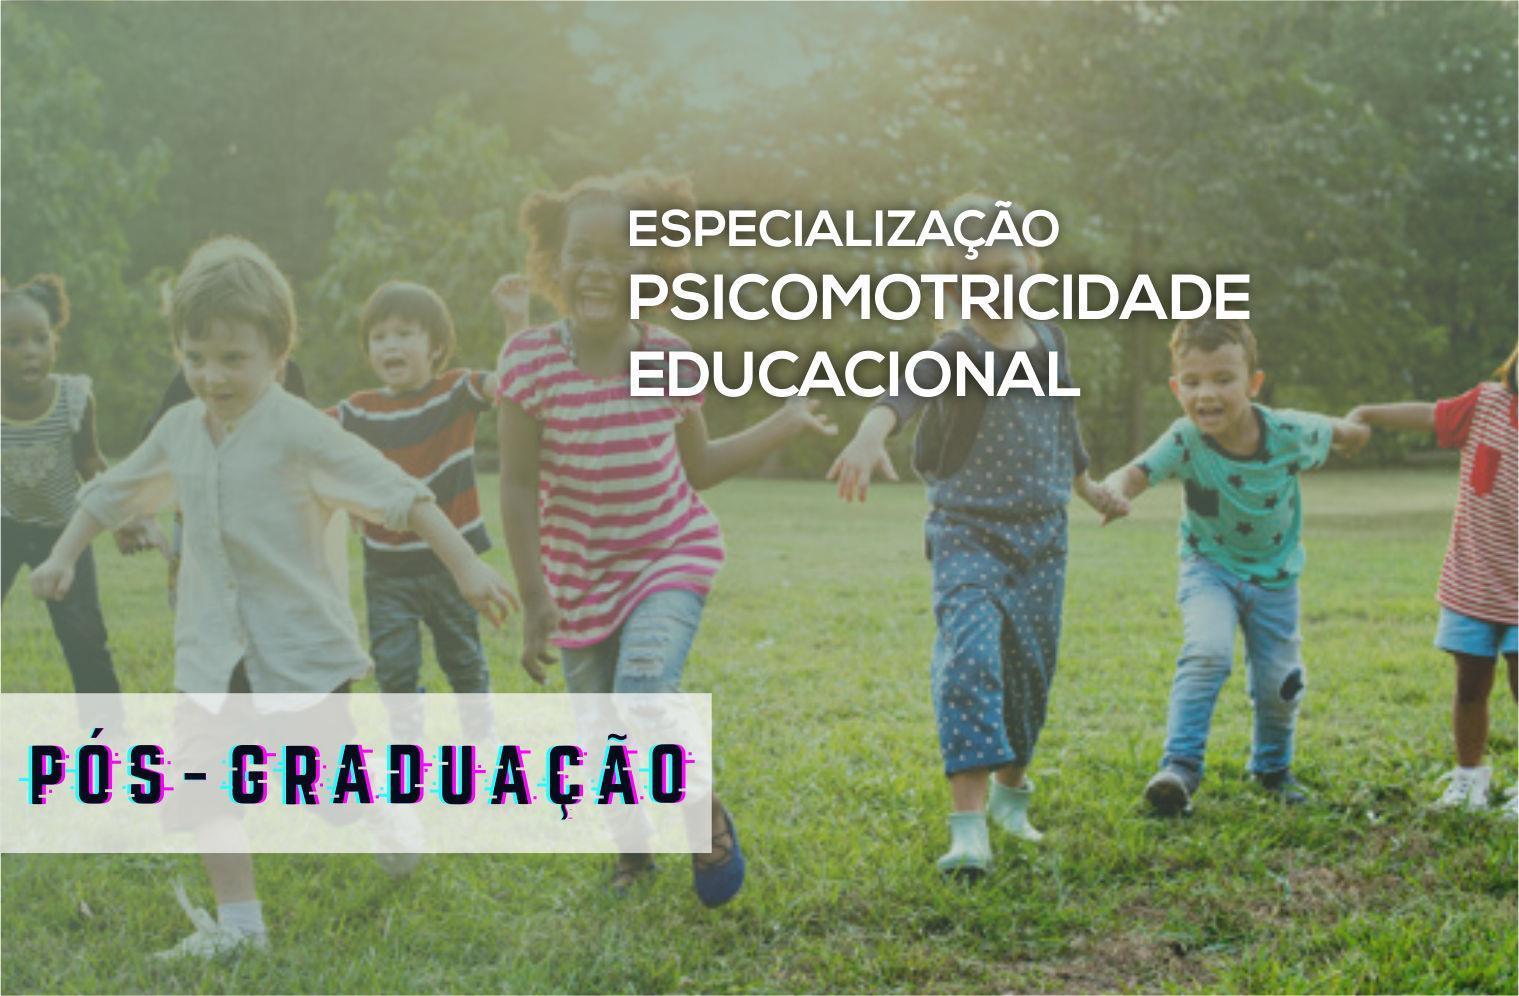 Especialização em Psicomotricidade Educacional